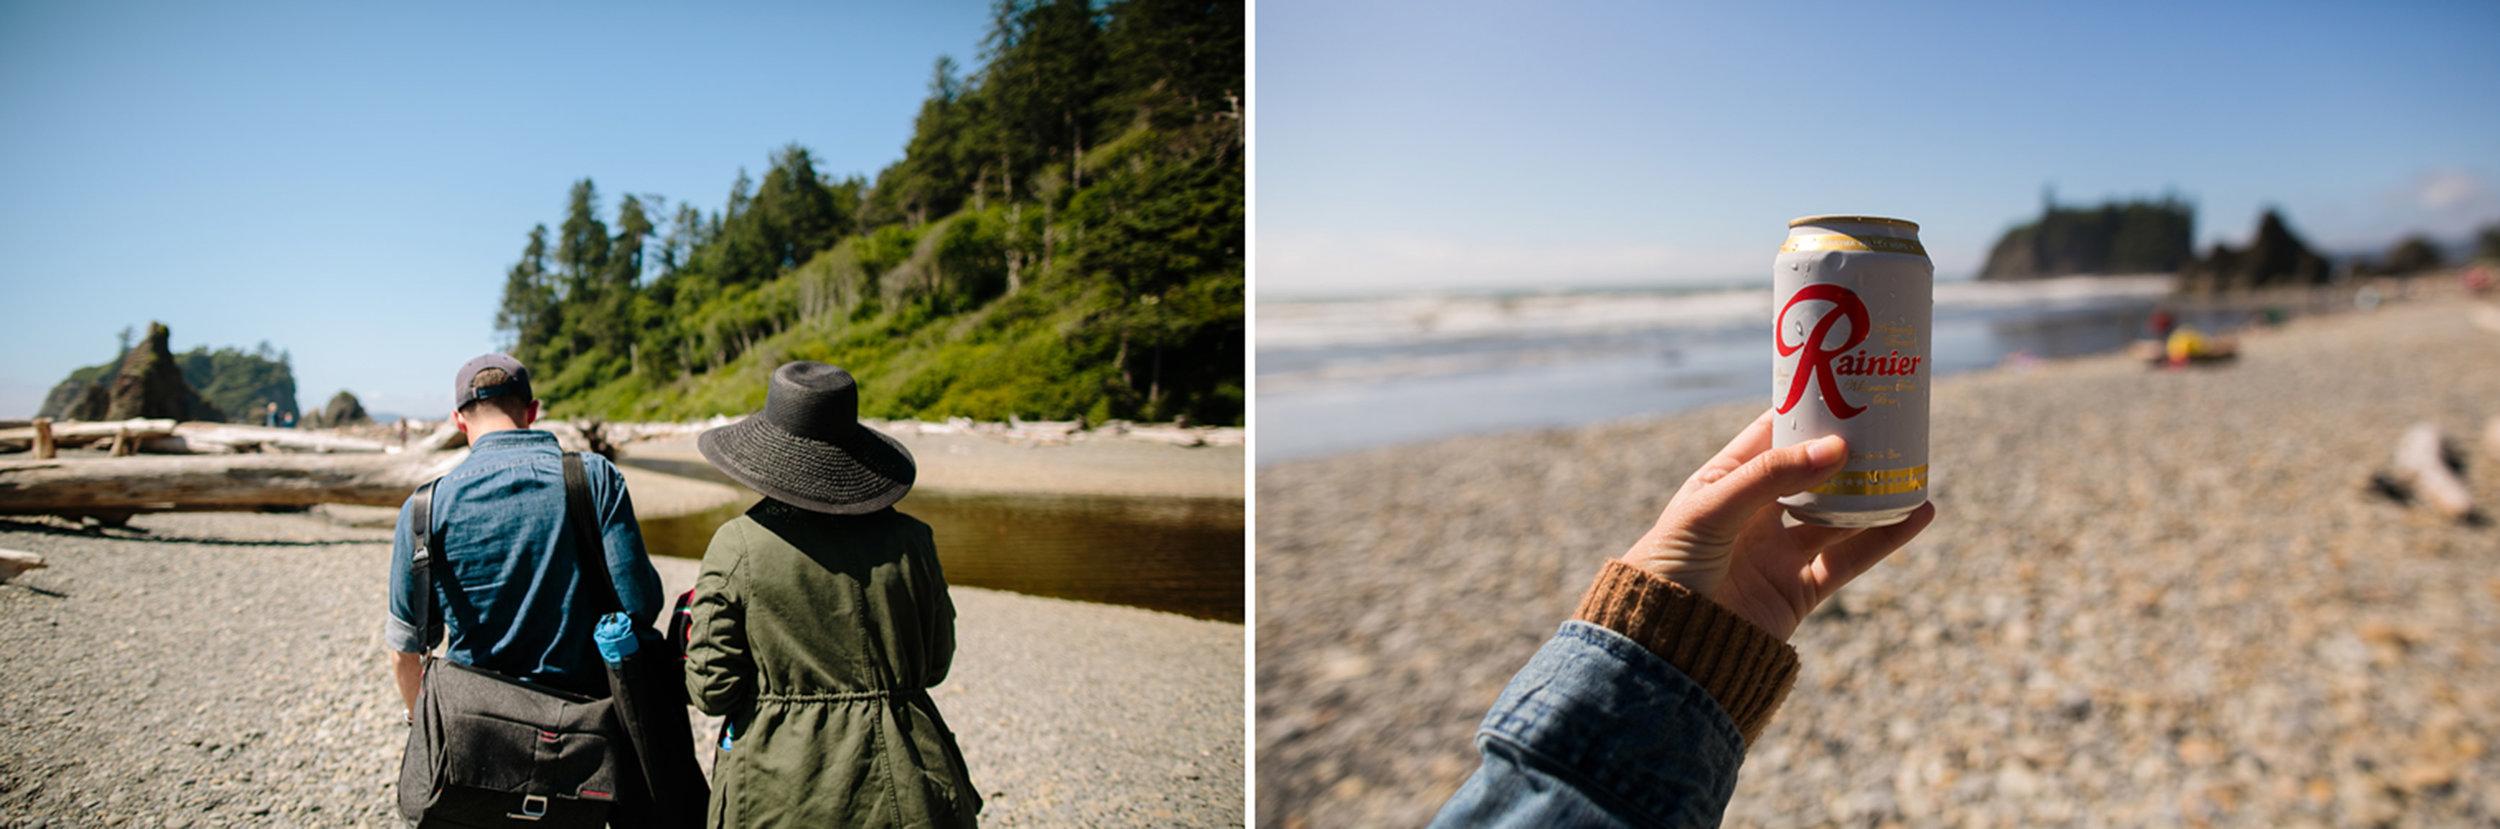 Washington_WeddingPhotographer_006.jpg